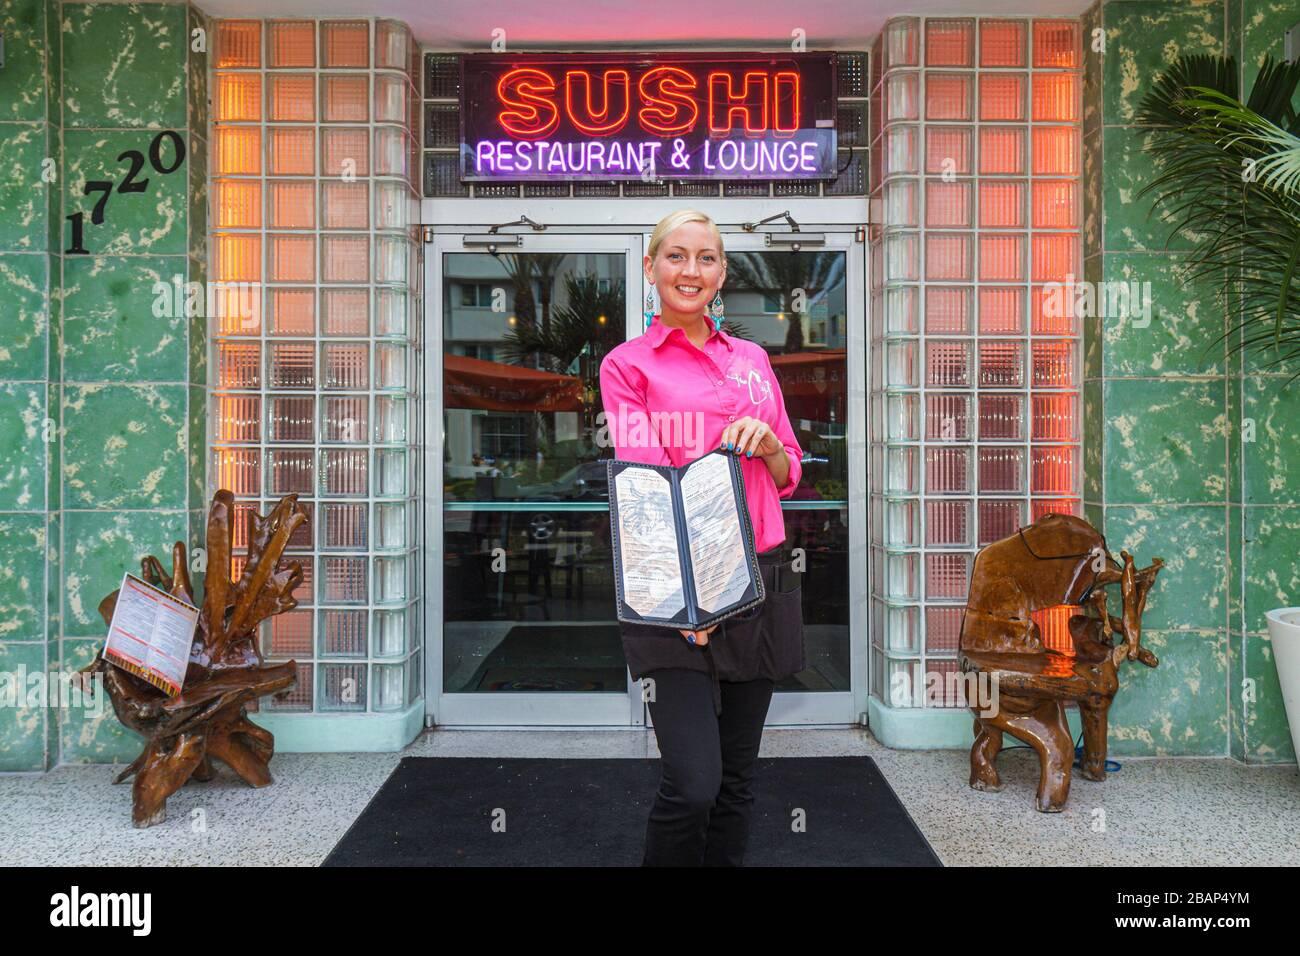 Miami Beach Florida Collins Avenue Kung Fu Küche und & Sushi Restaurant Catalina Hotel Haupteingang Neon Schild Frau Wirtin Stockfoto